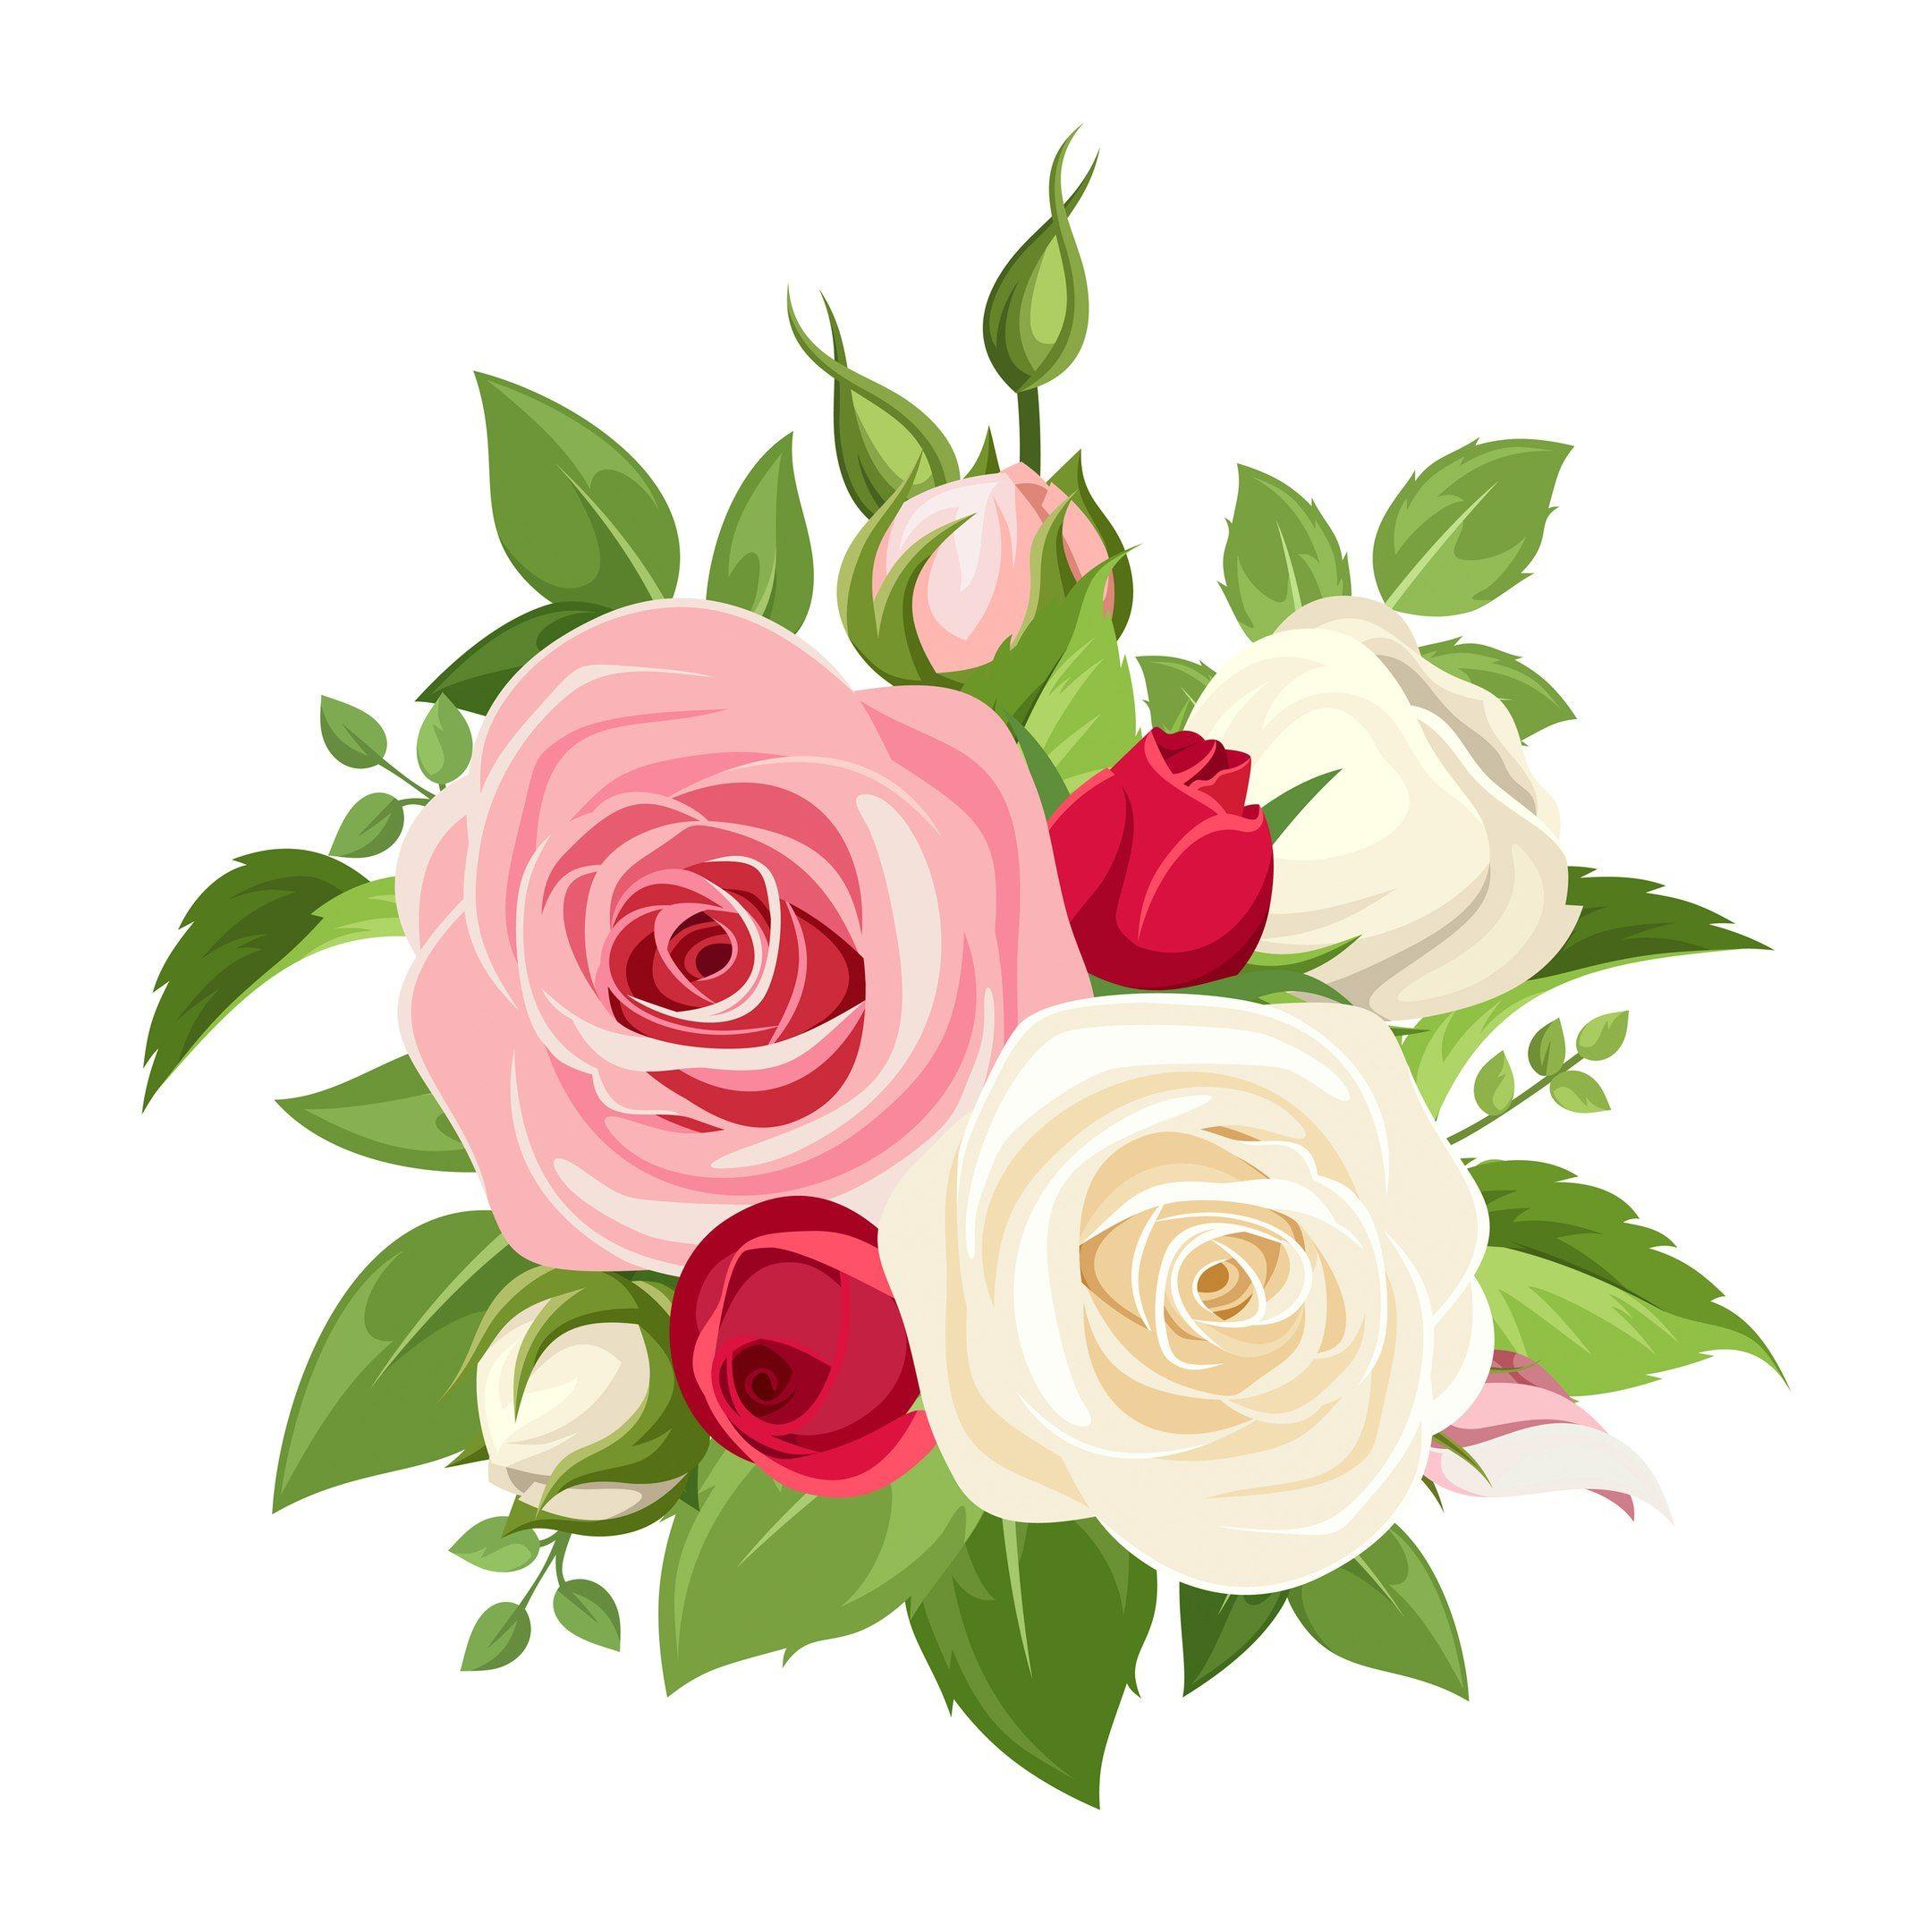 flowers vector rosa png Rosas, Arreglo floral rosas